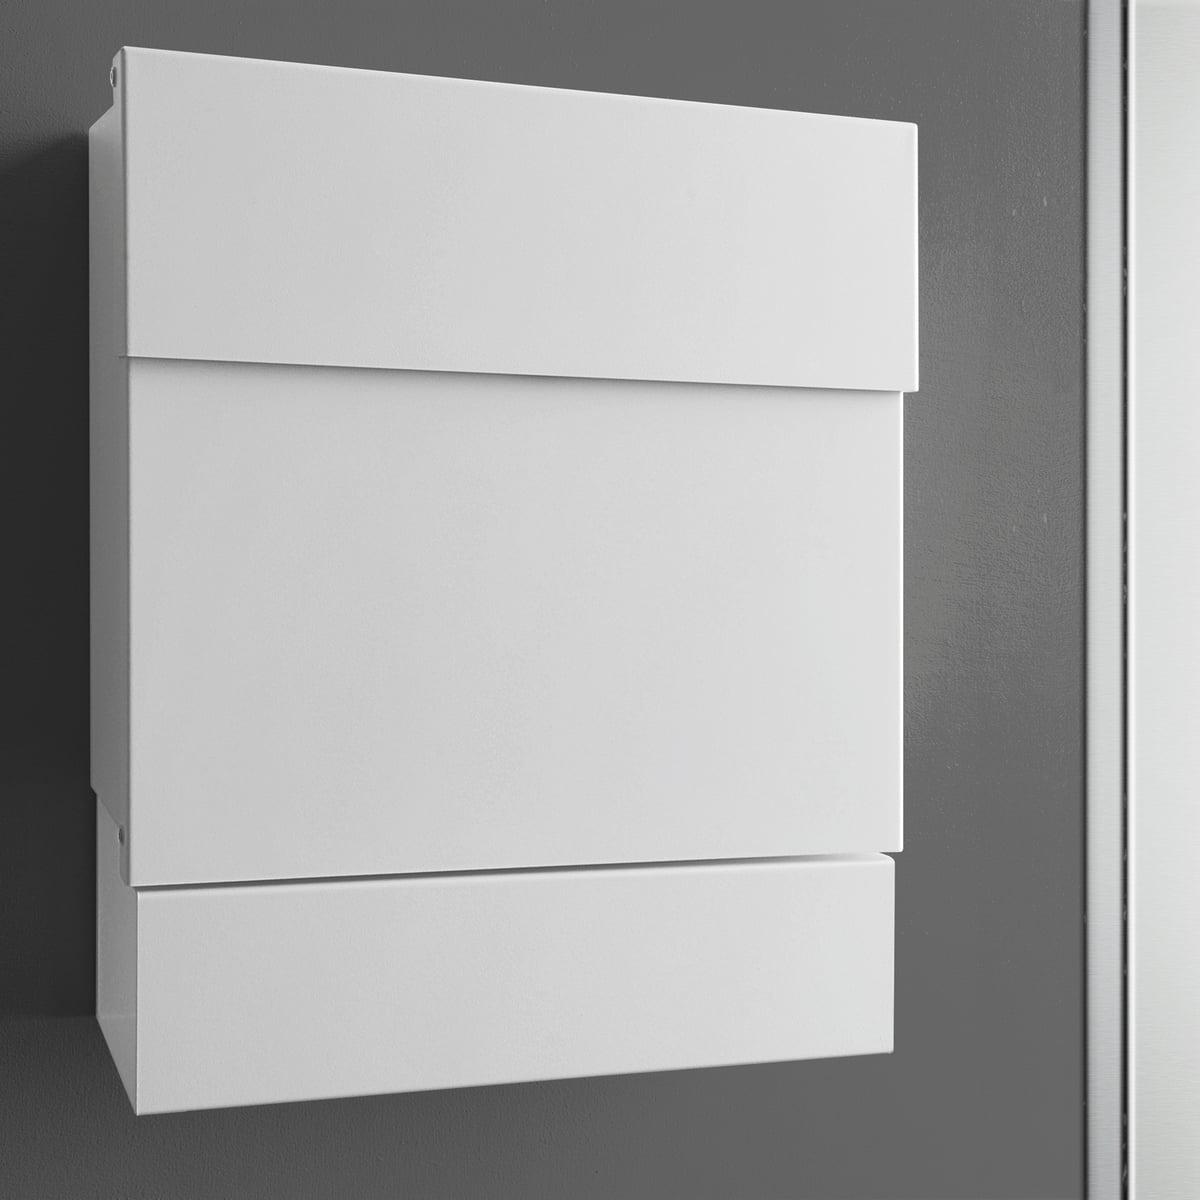 briefkasten letterman v mit zeitungsrolle von radius. Black Bedroom Furniture Sets. Home Design Ideas